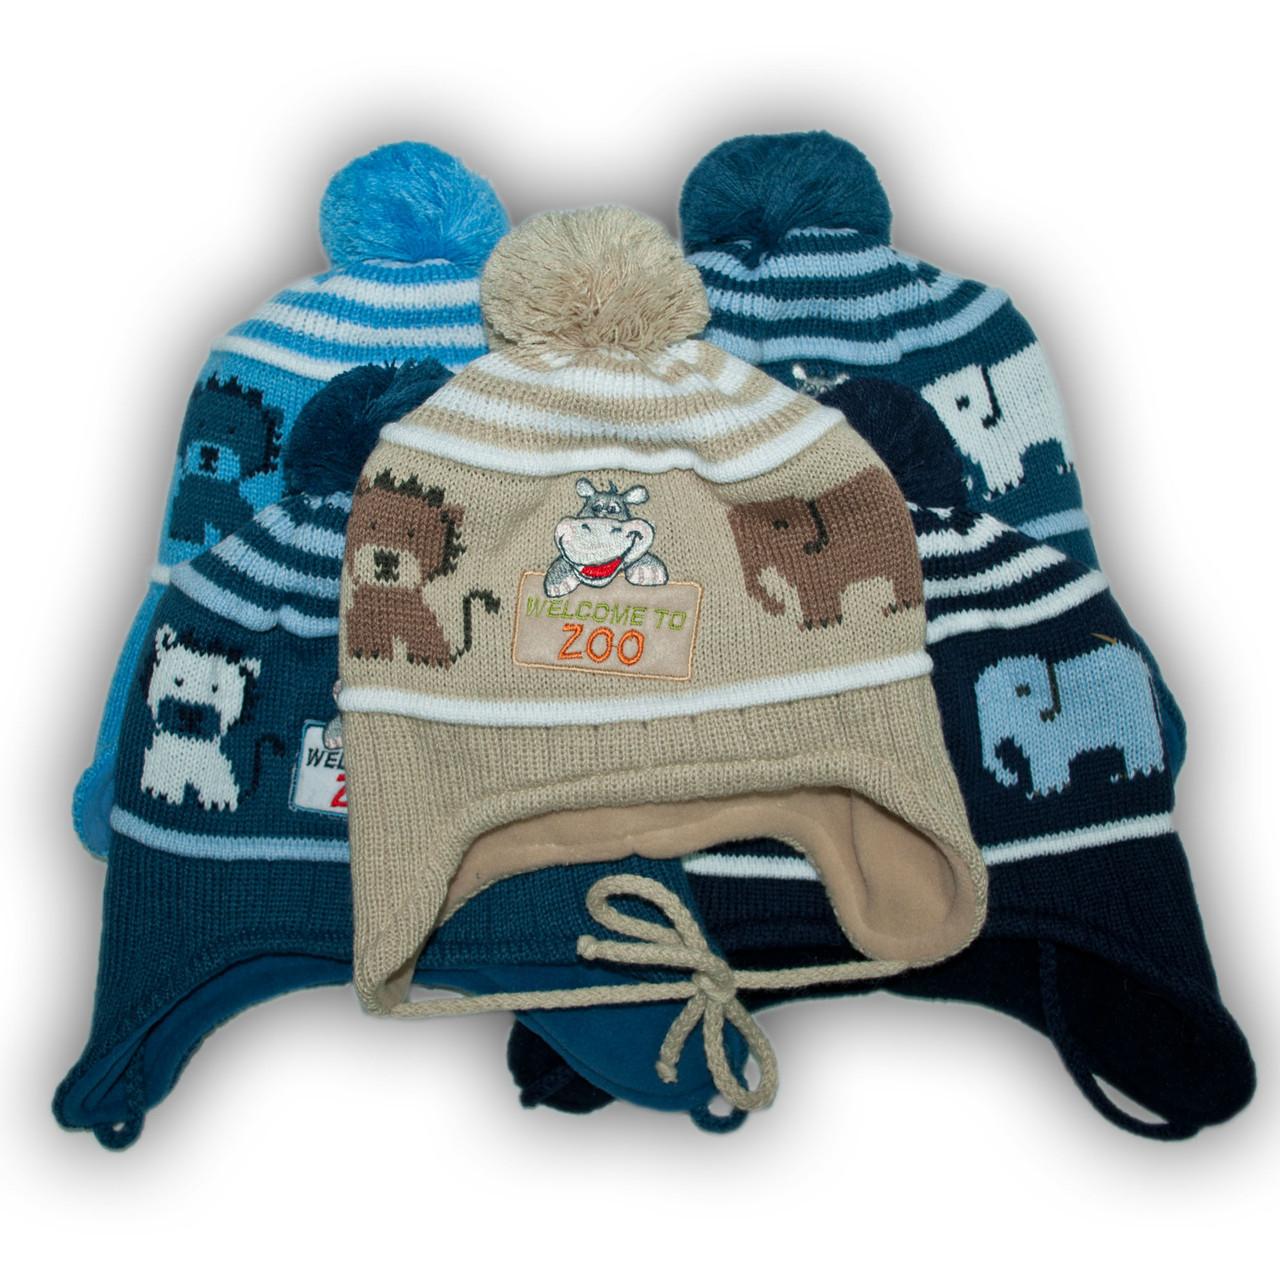 Комплект (шапка + шарф) для мальчиков, Польского производителя Pro - Han, модель CZ-3692/P